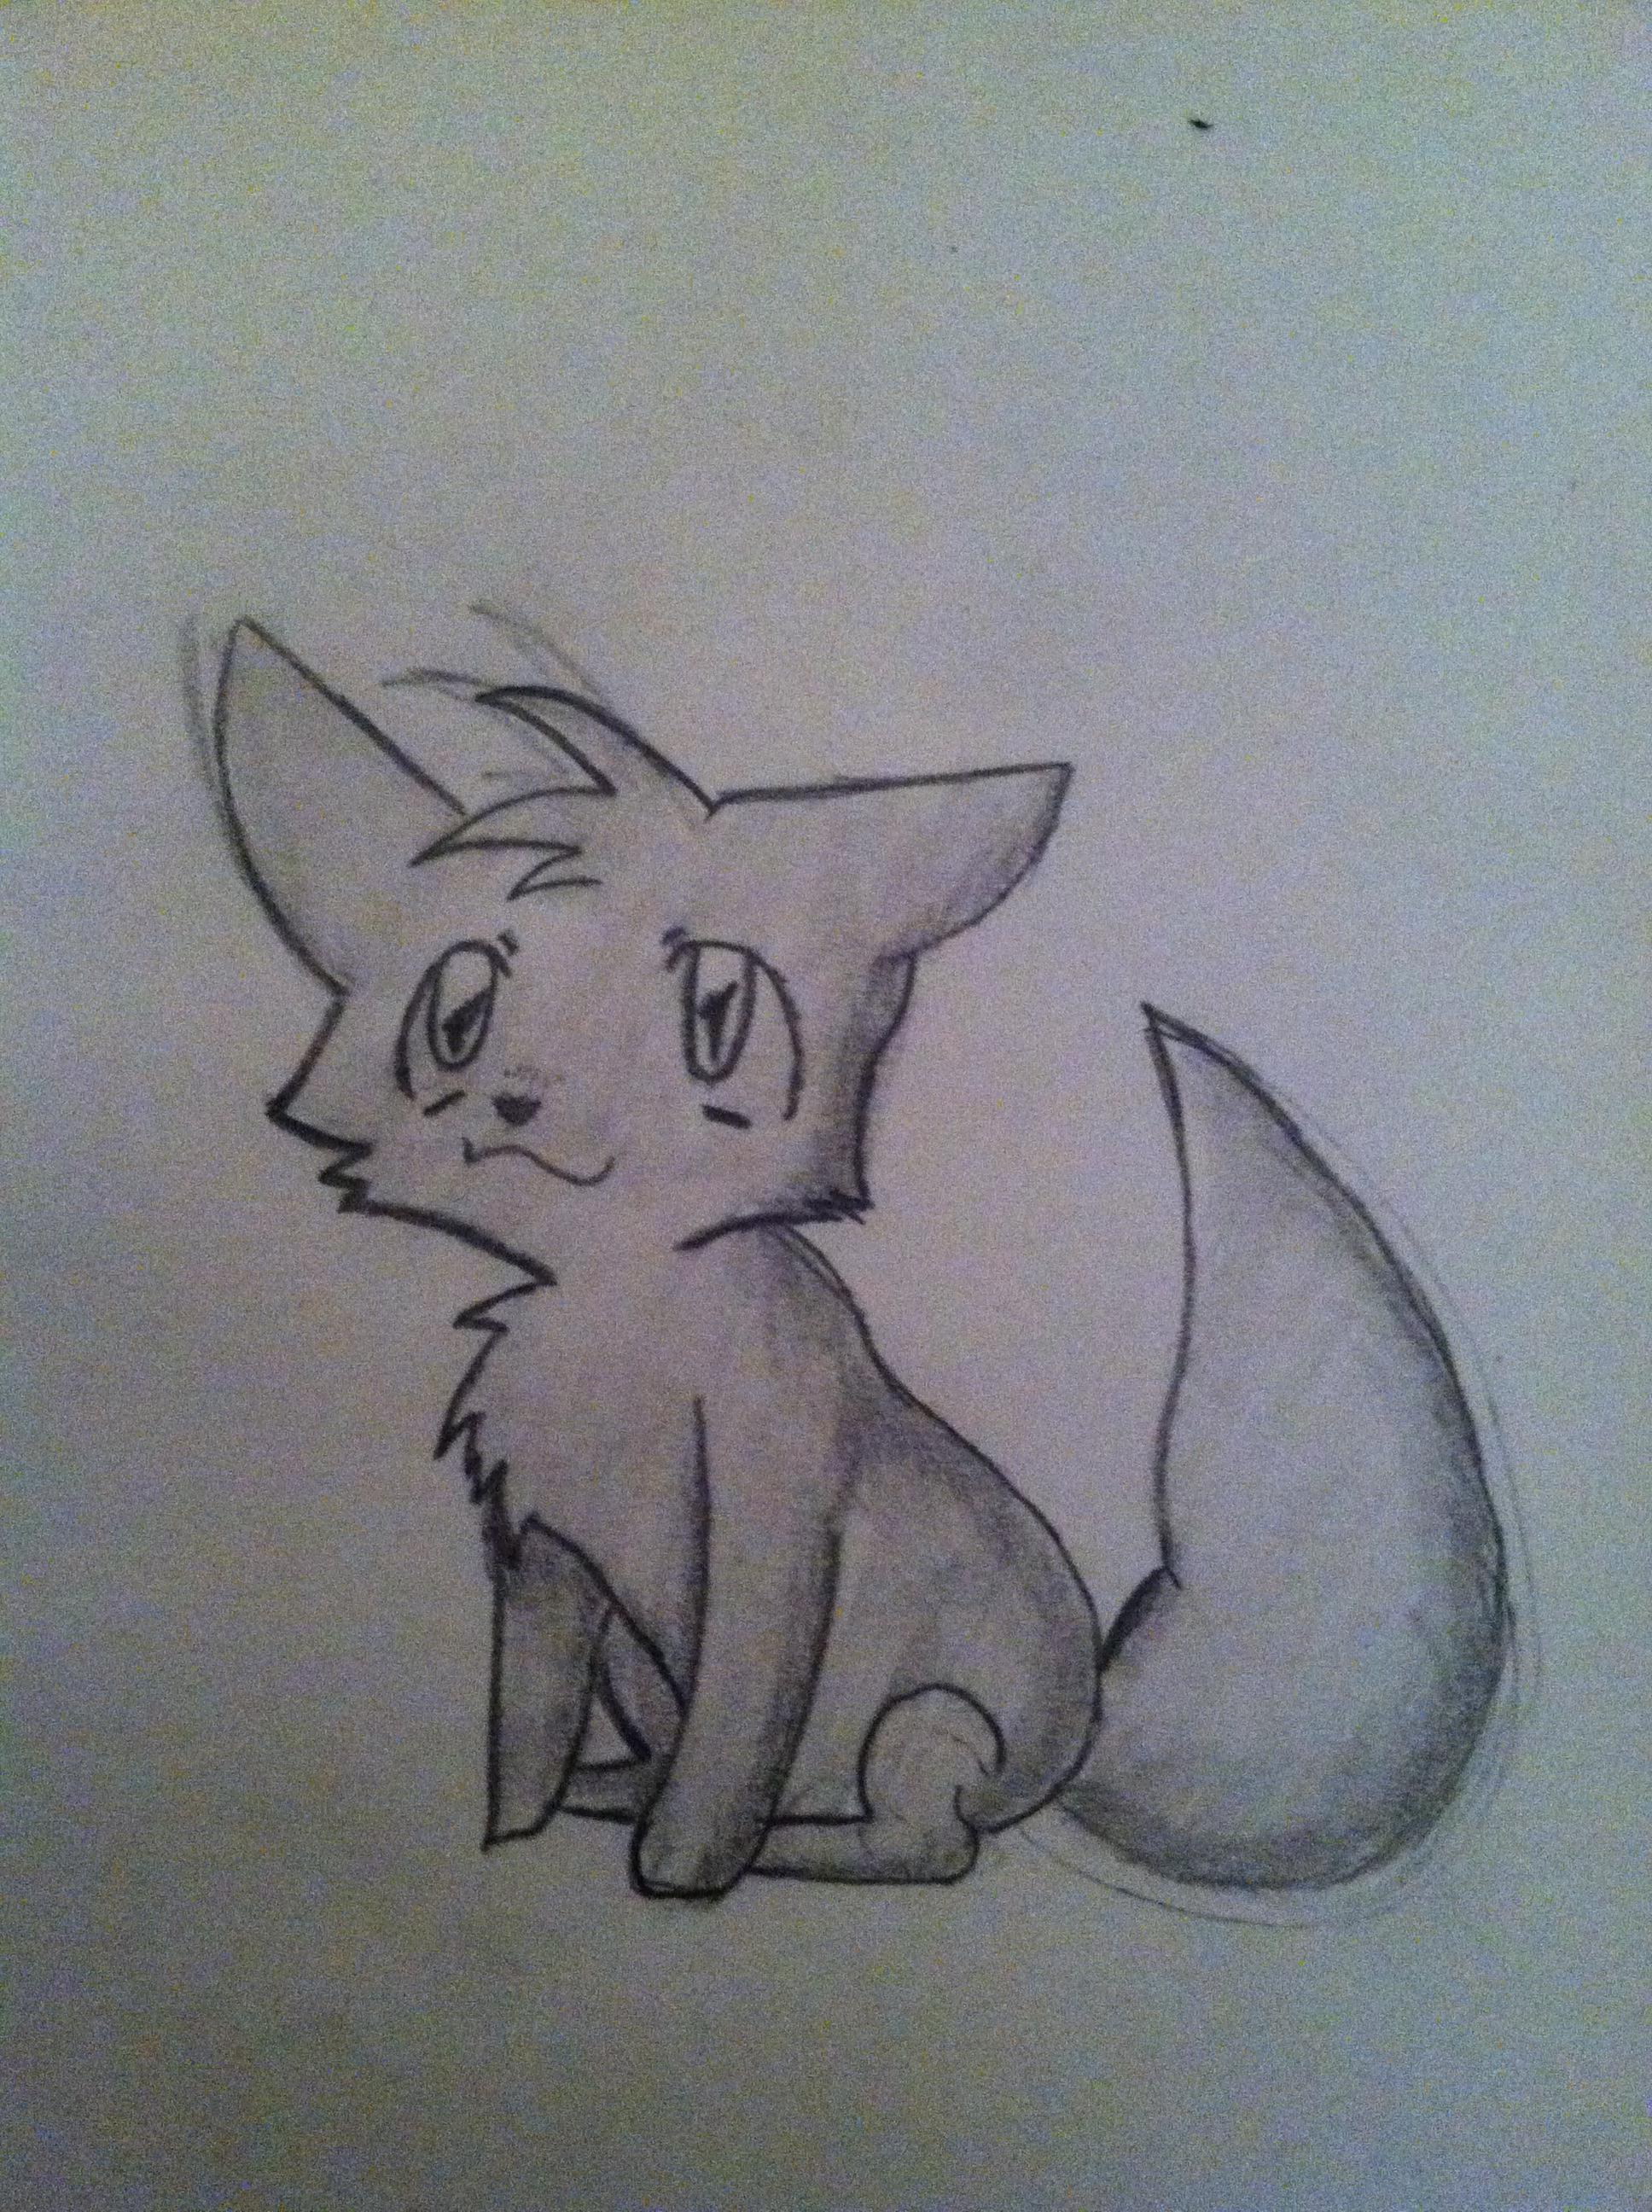 cute anime animal by tyrean65 cute anime animal by tyrean65